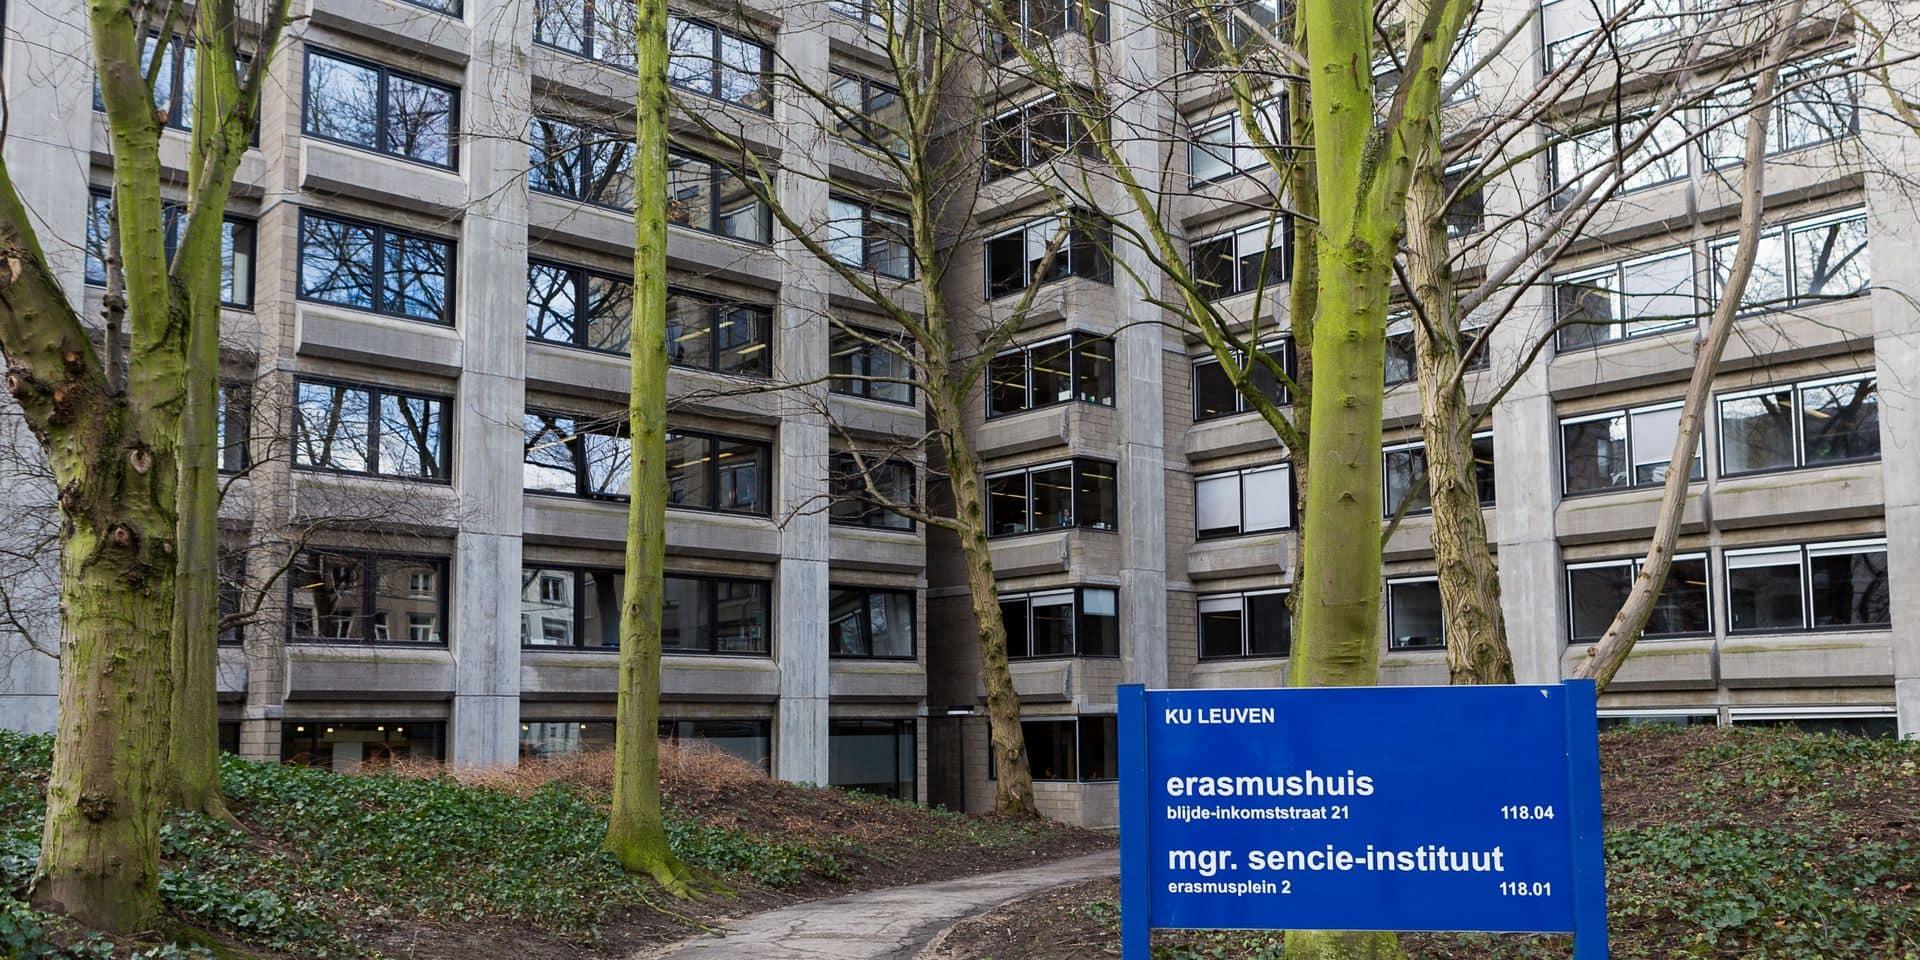 Masque obligatoire sur le campus de la KU Leuven à partir de lundi